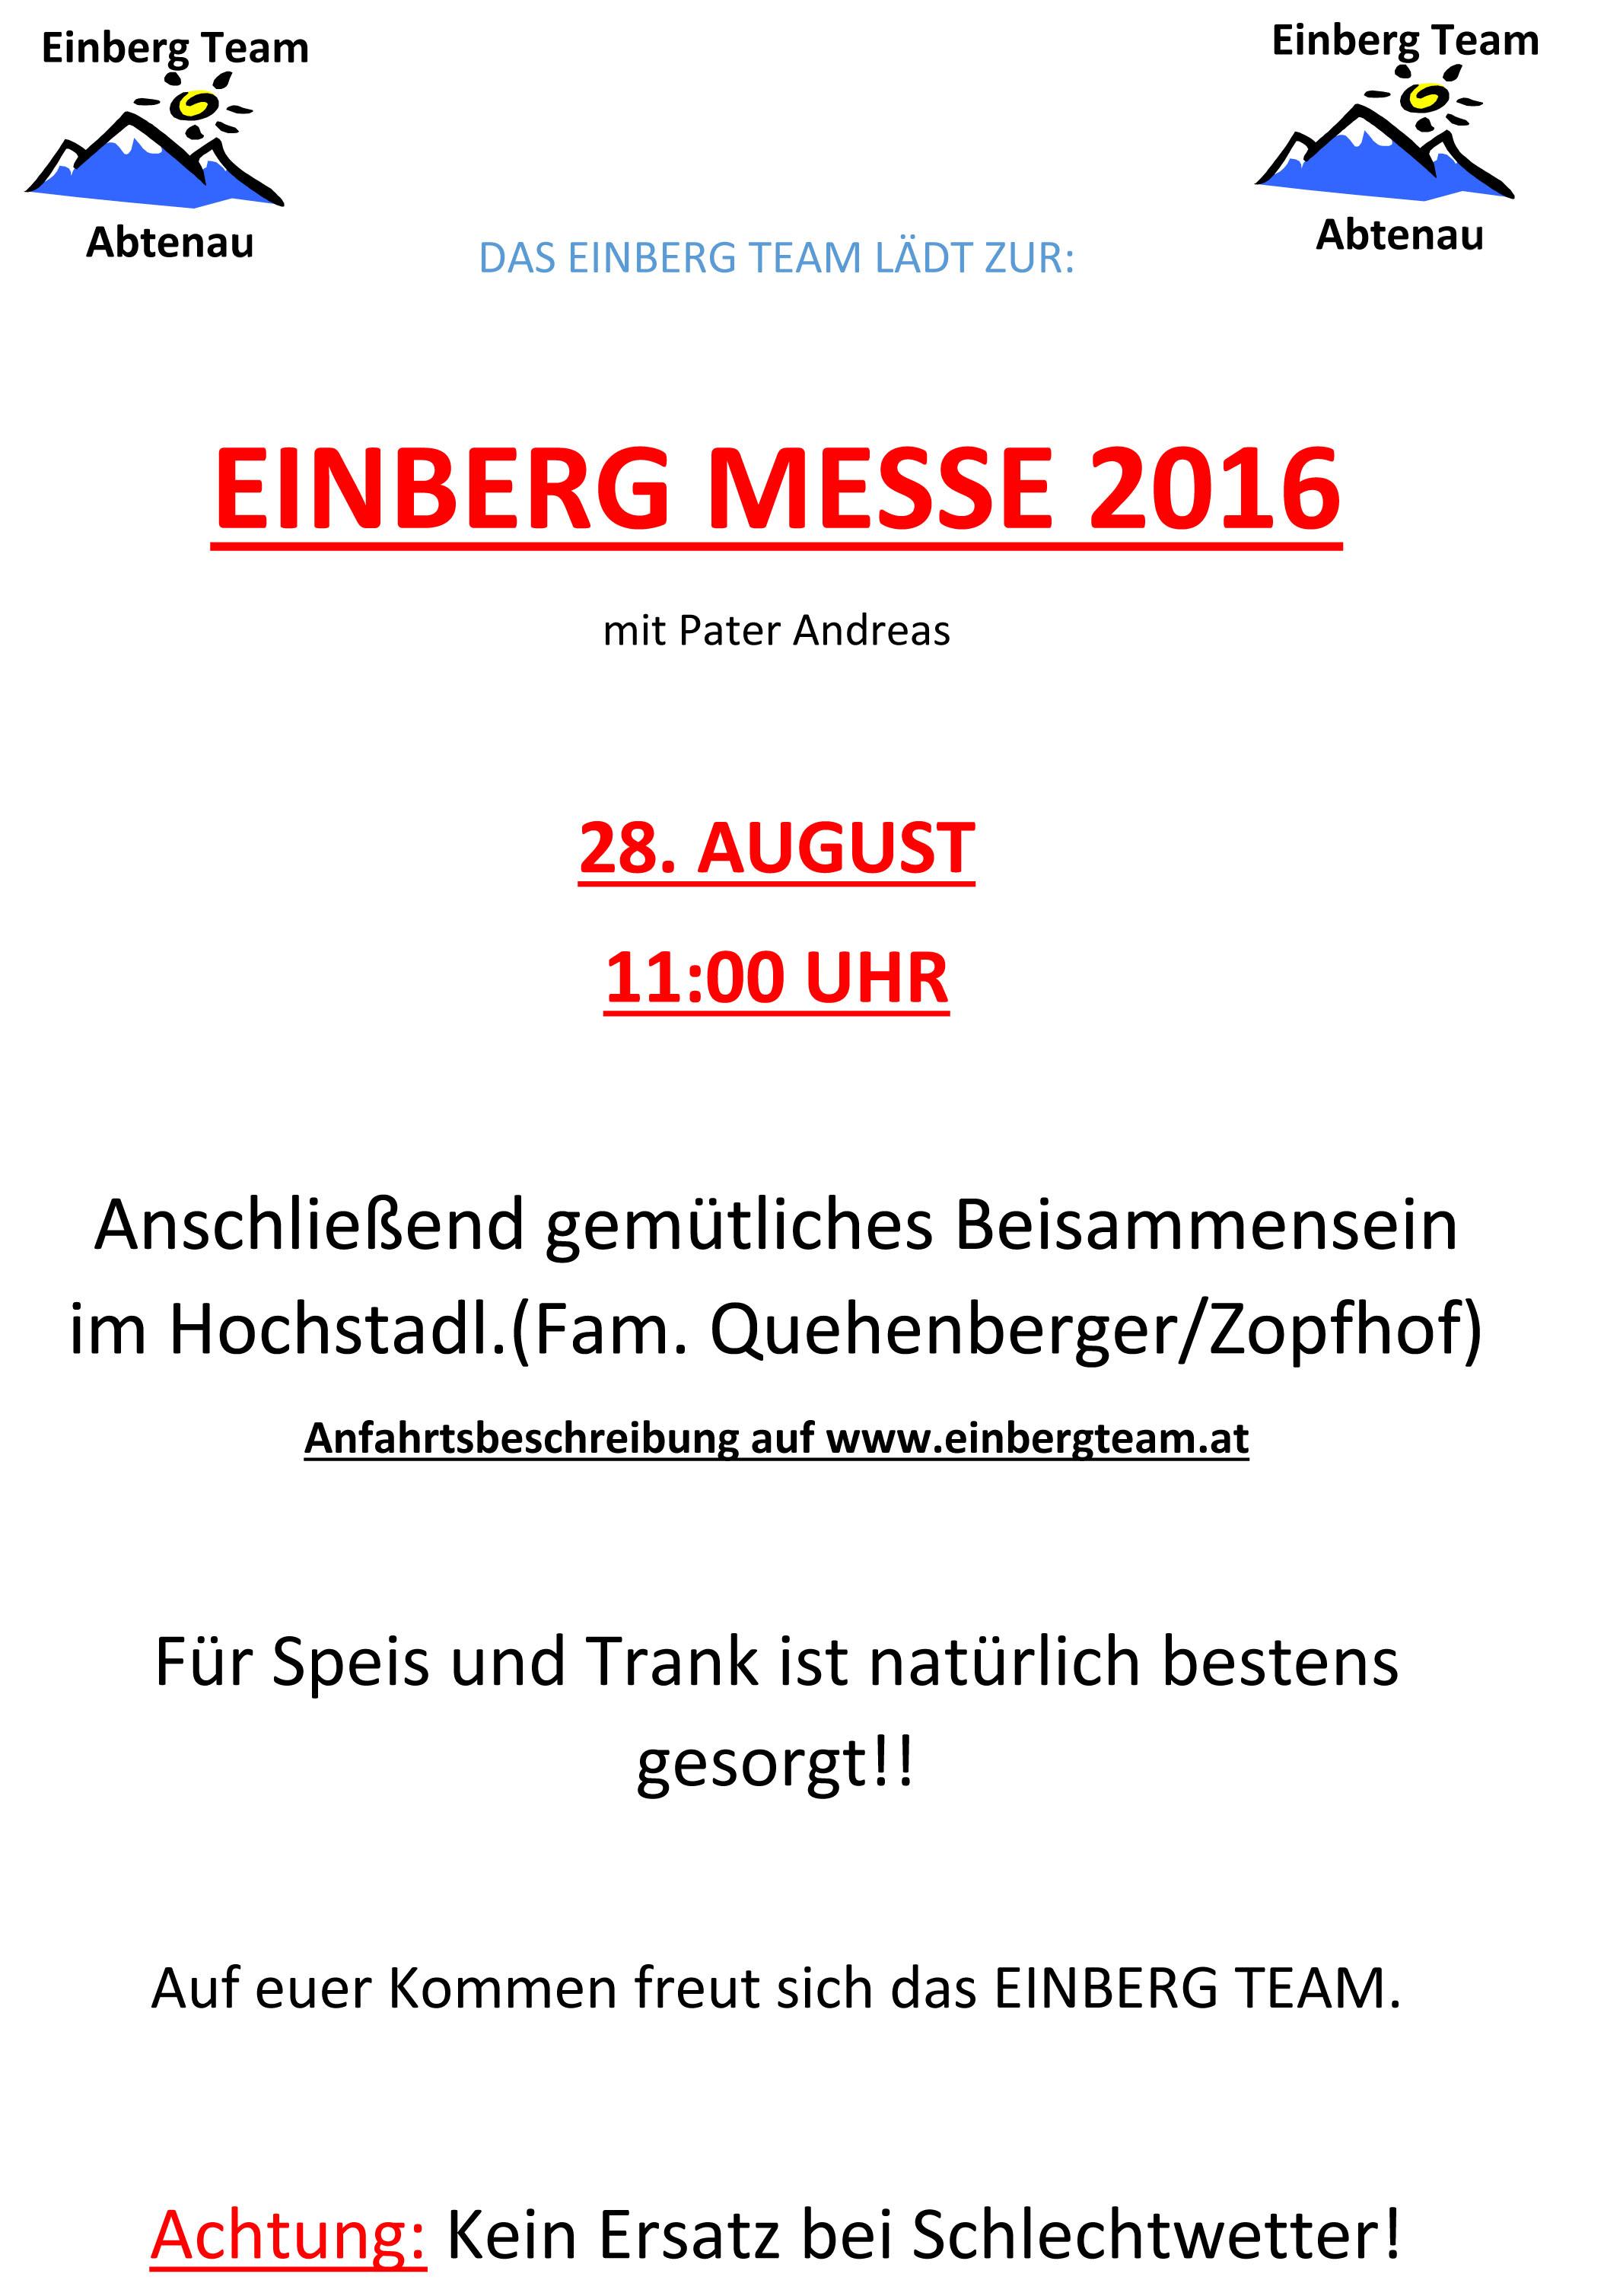 einberg-messe 2016 – einladung | einbergteam, Einladung